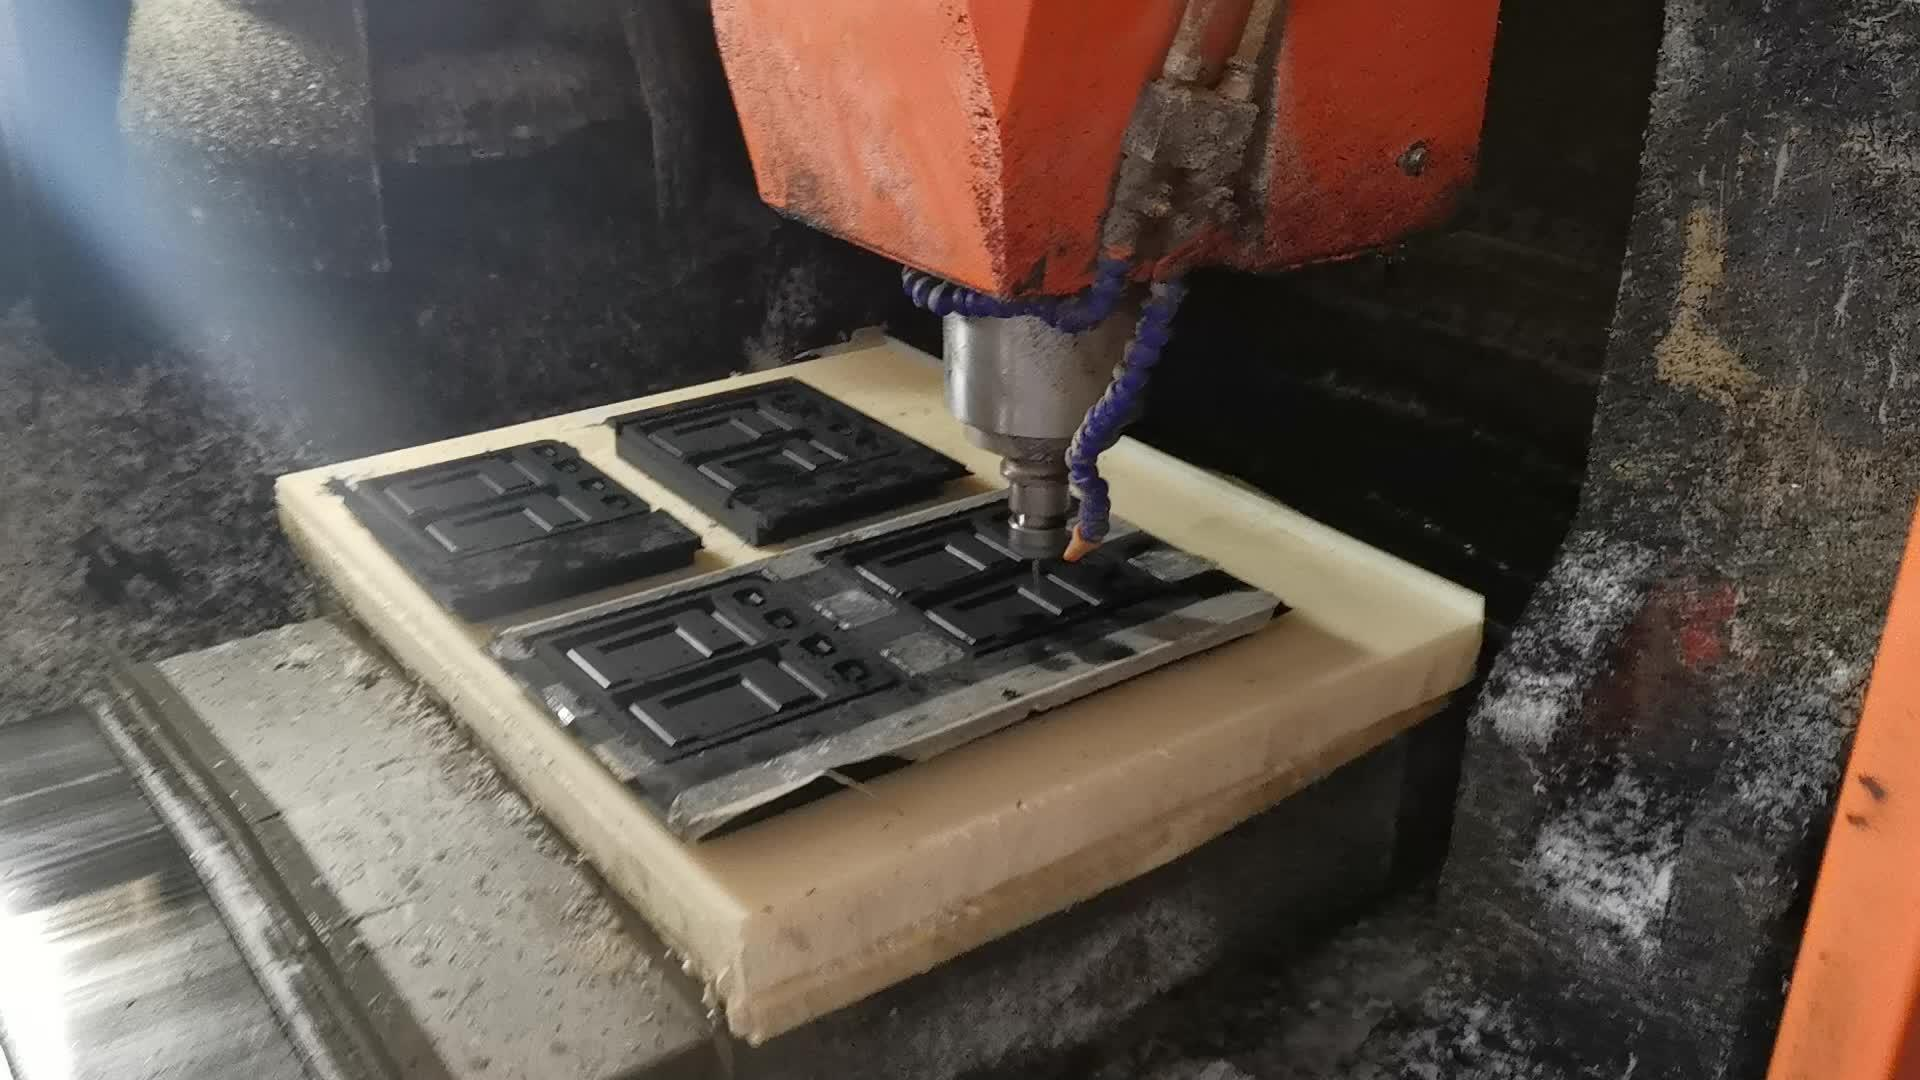 CNC 加工安いラピッドプロトタイピング ABS CNC プラスチック部品プロトタイプ POS マシン製造